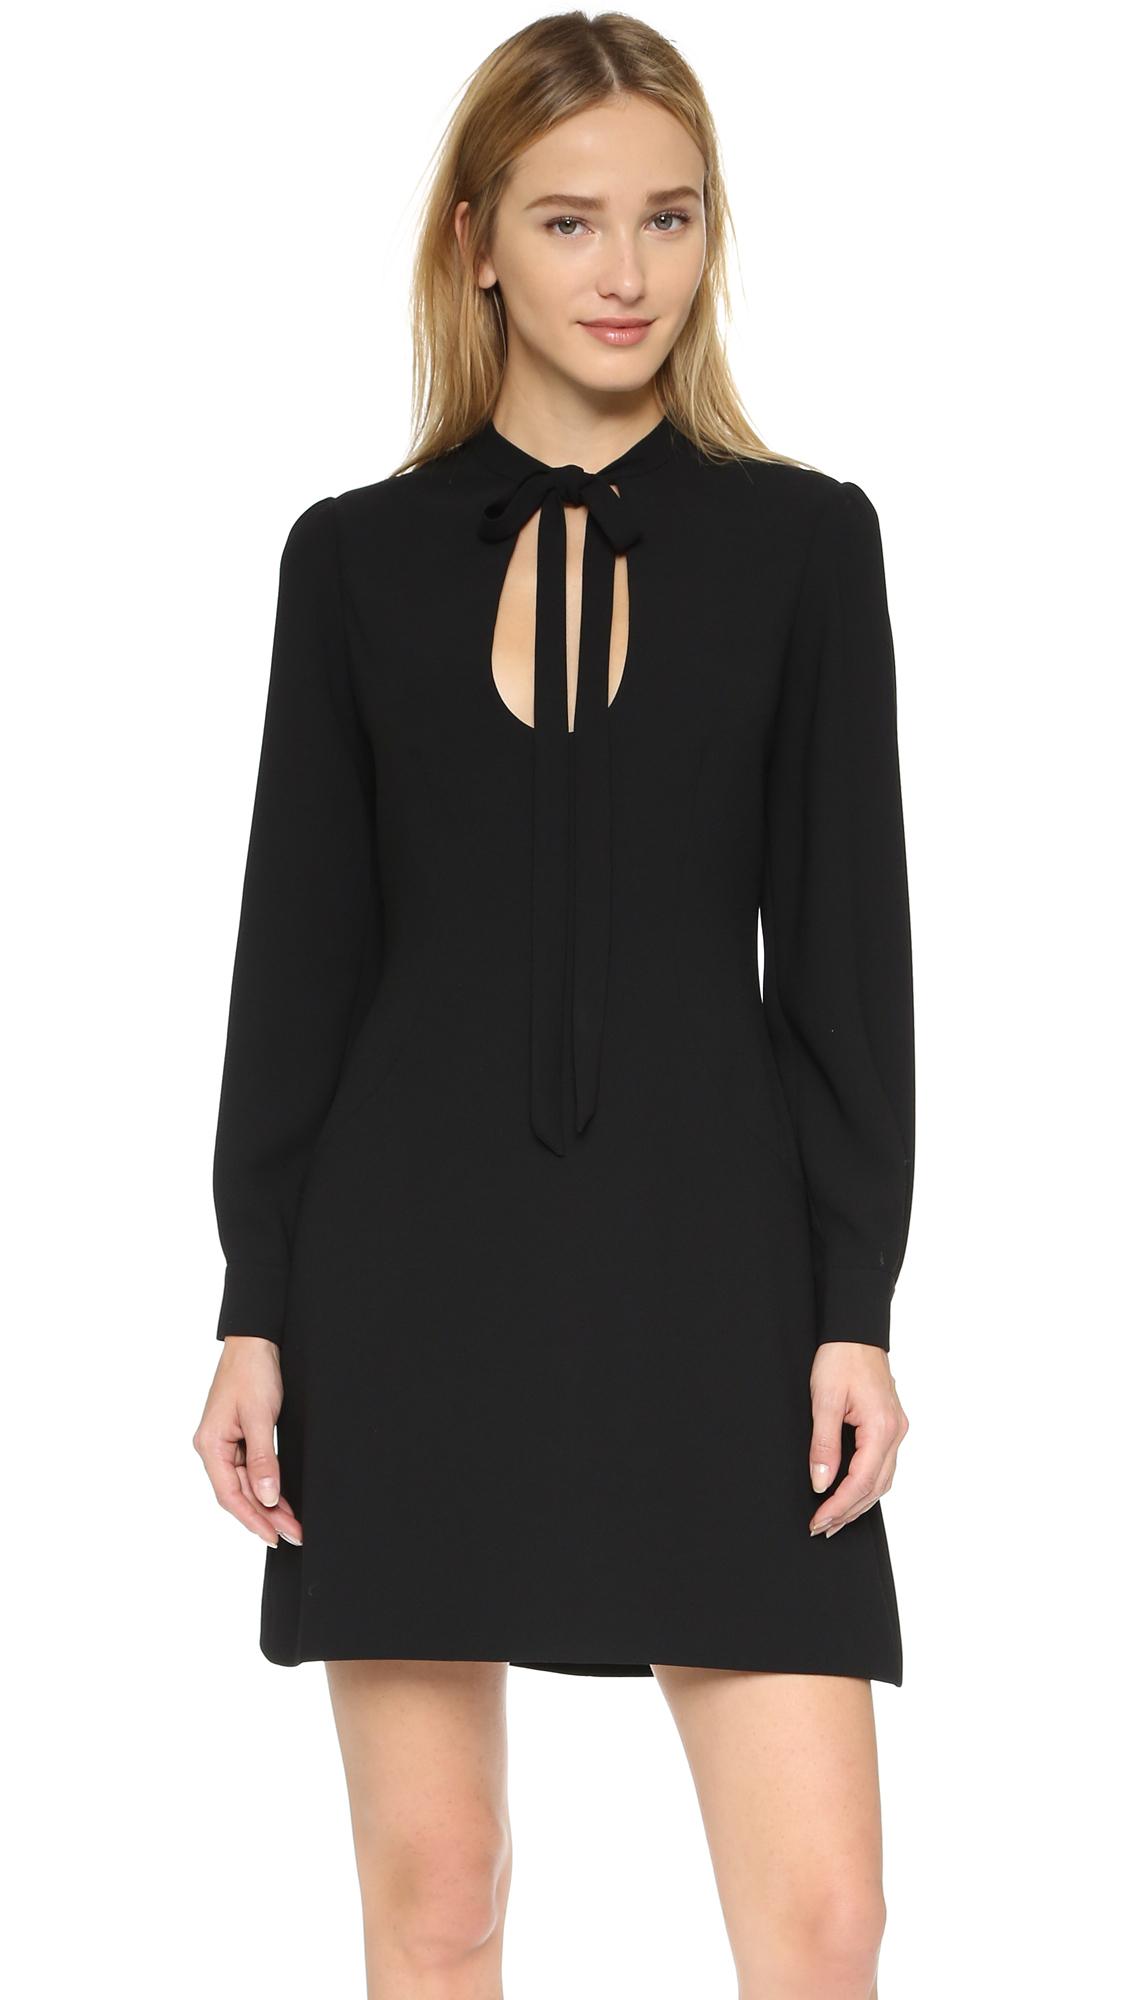 904682230c3 Lyst - JILL Jill Stuart Tie Neck Long Sleeve Dress in Black